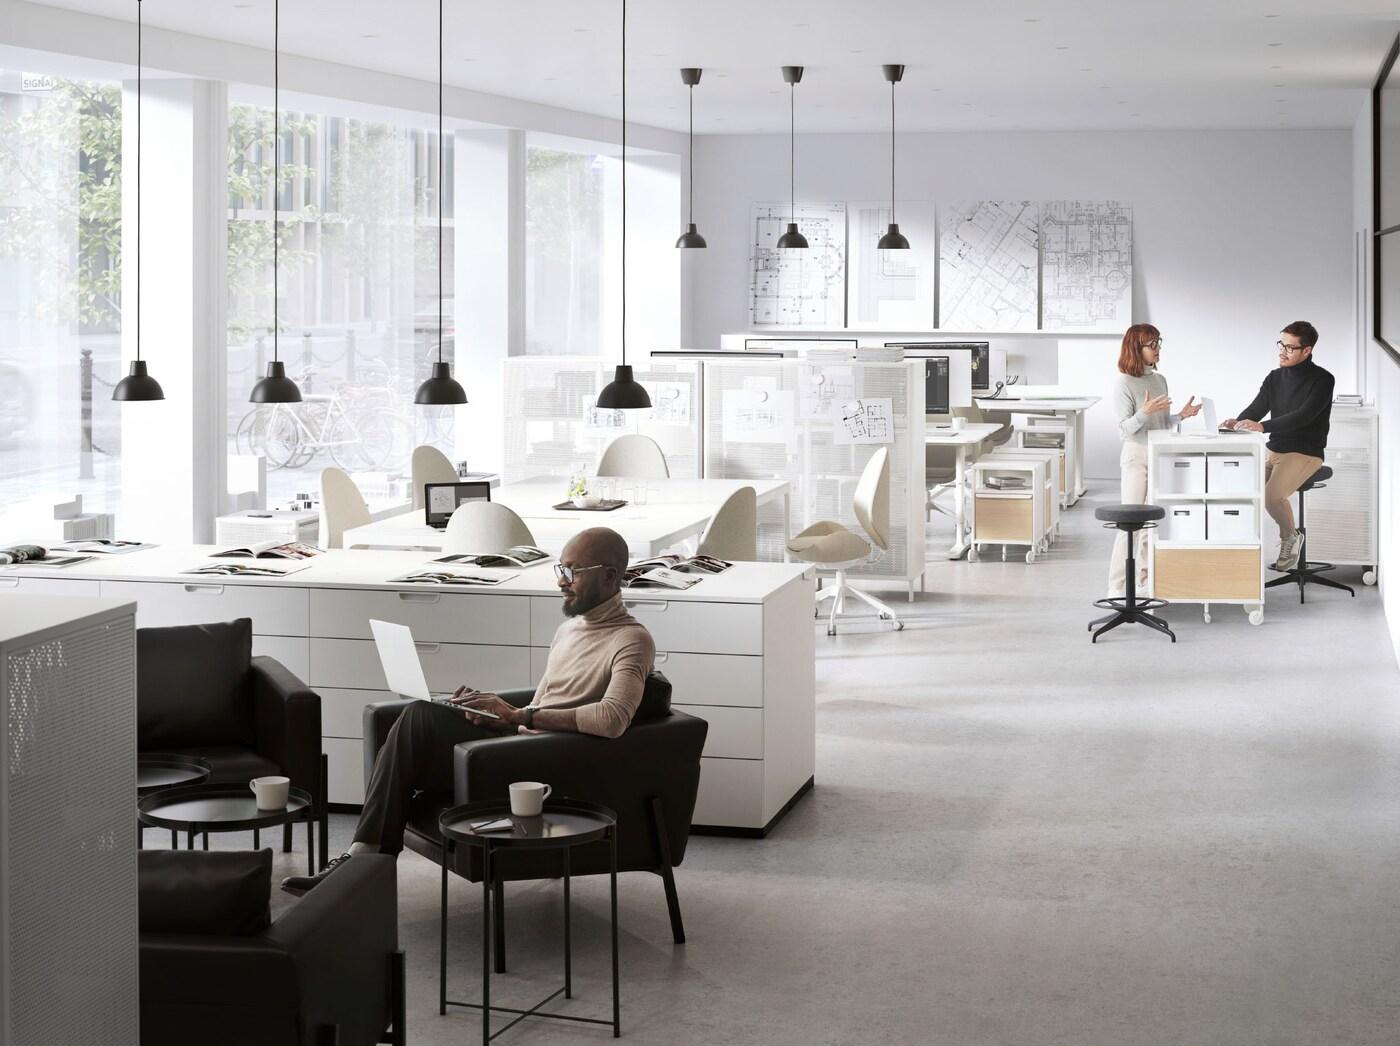 Een open kantoortuin met twee ruimtes om apart te overleggen. Een man werkt in een KOARP fauteuil en twee mensen werken bij een BEKANT opberger